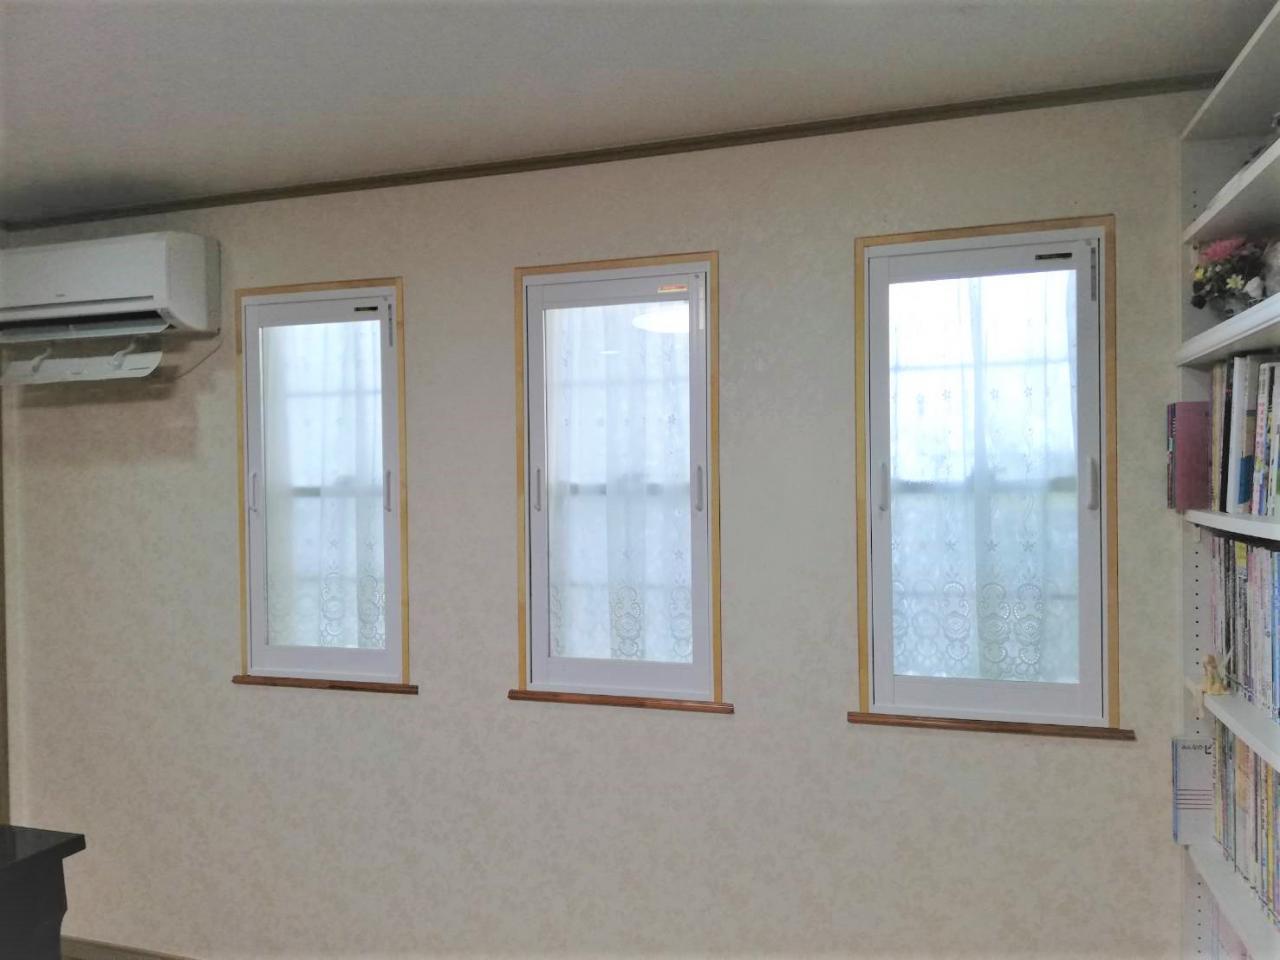 防音・断熱を高めた内窓設置